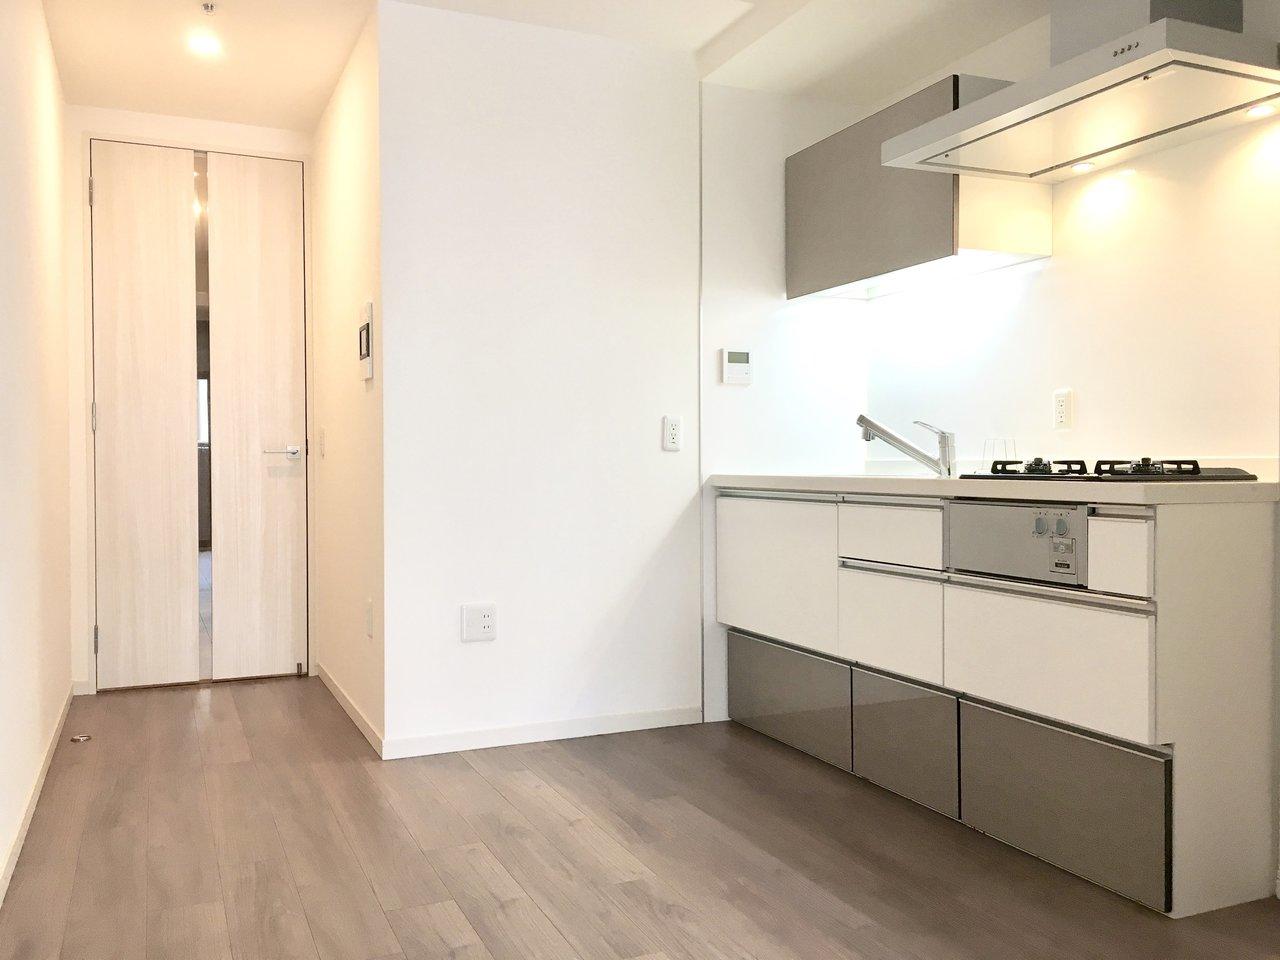 キッチンはゆったりサイズで作業スペースもしっかりあります。収納もたっぷりなんです!お皿やグラス、調理器具を集めるのが好きな方にはうれしいポイントですね。